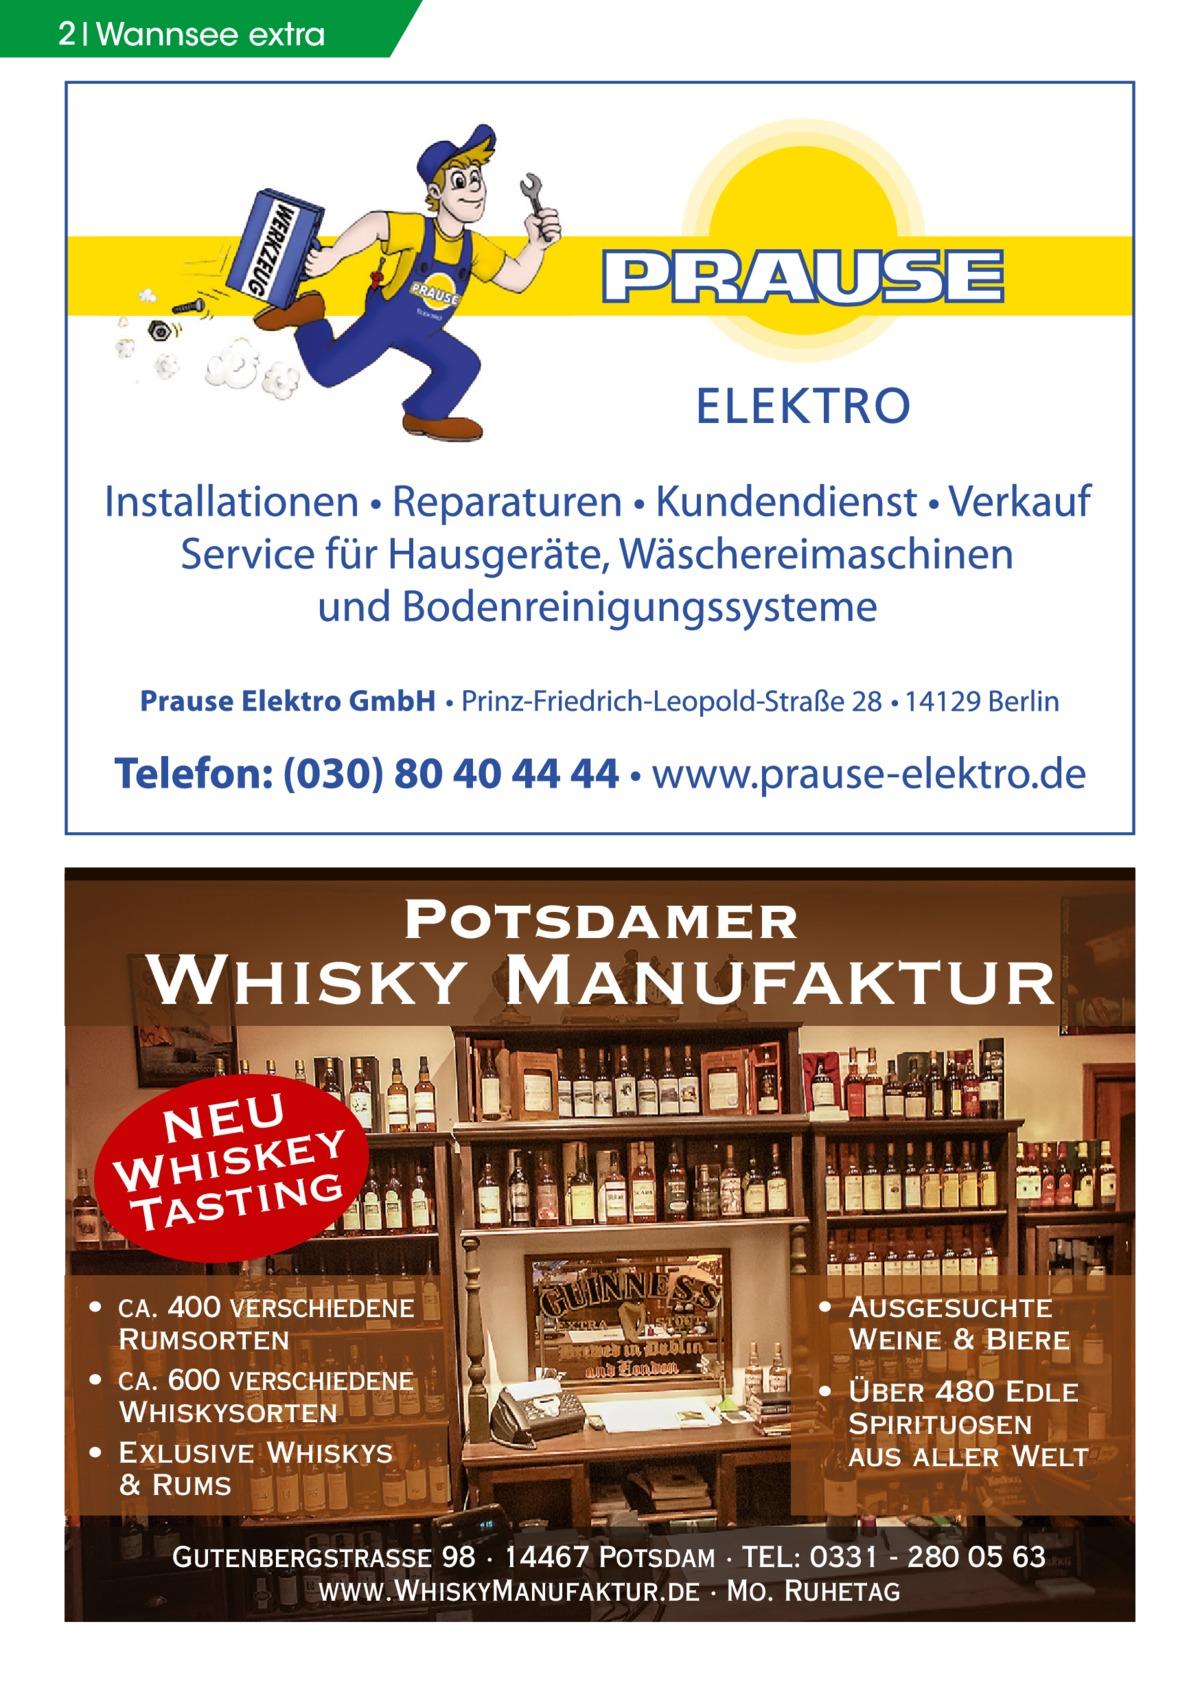 2 Wannsee extra  Potsdamer  Whisky Manufaktur NEU ey Whsistk Ta ing • ca. 400 verschiedene Rumsorten • ca. 600 verschiedene Whiskysorten • Exlusive Whiskys & Rums  • Ausgesuchte Weine & Biere • Über 480 Edle Spirituosen aus aller Welt  Gutenbergstraße 98 · 14467 Potsdam · TEL: 0331 - 280 05 63 www.WhiskyManufaktur.de · Mo. Ruhetag